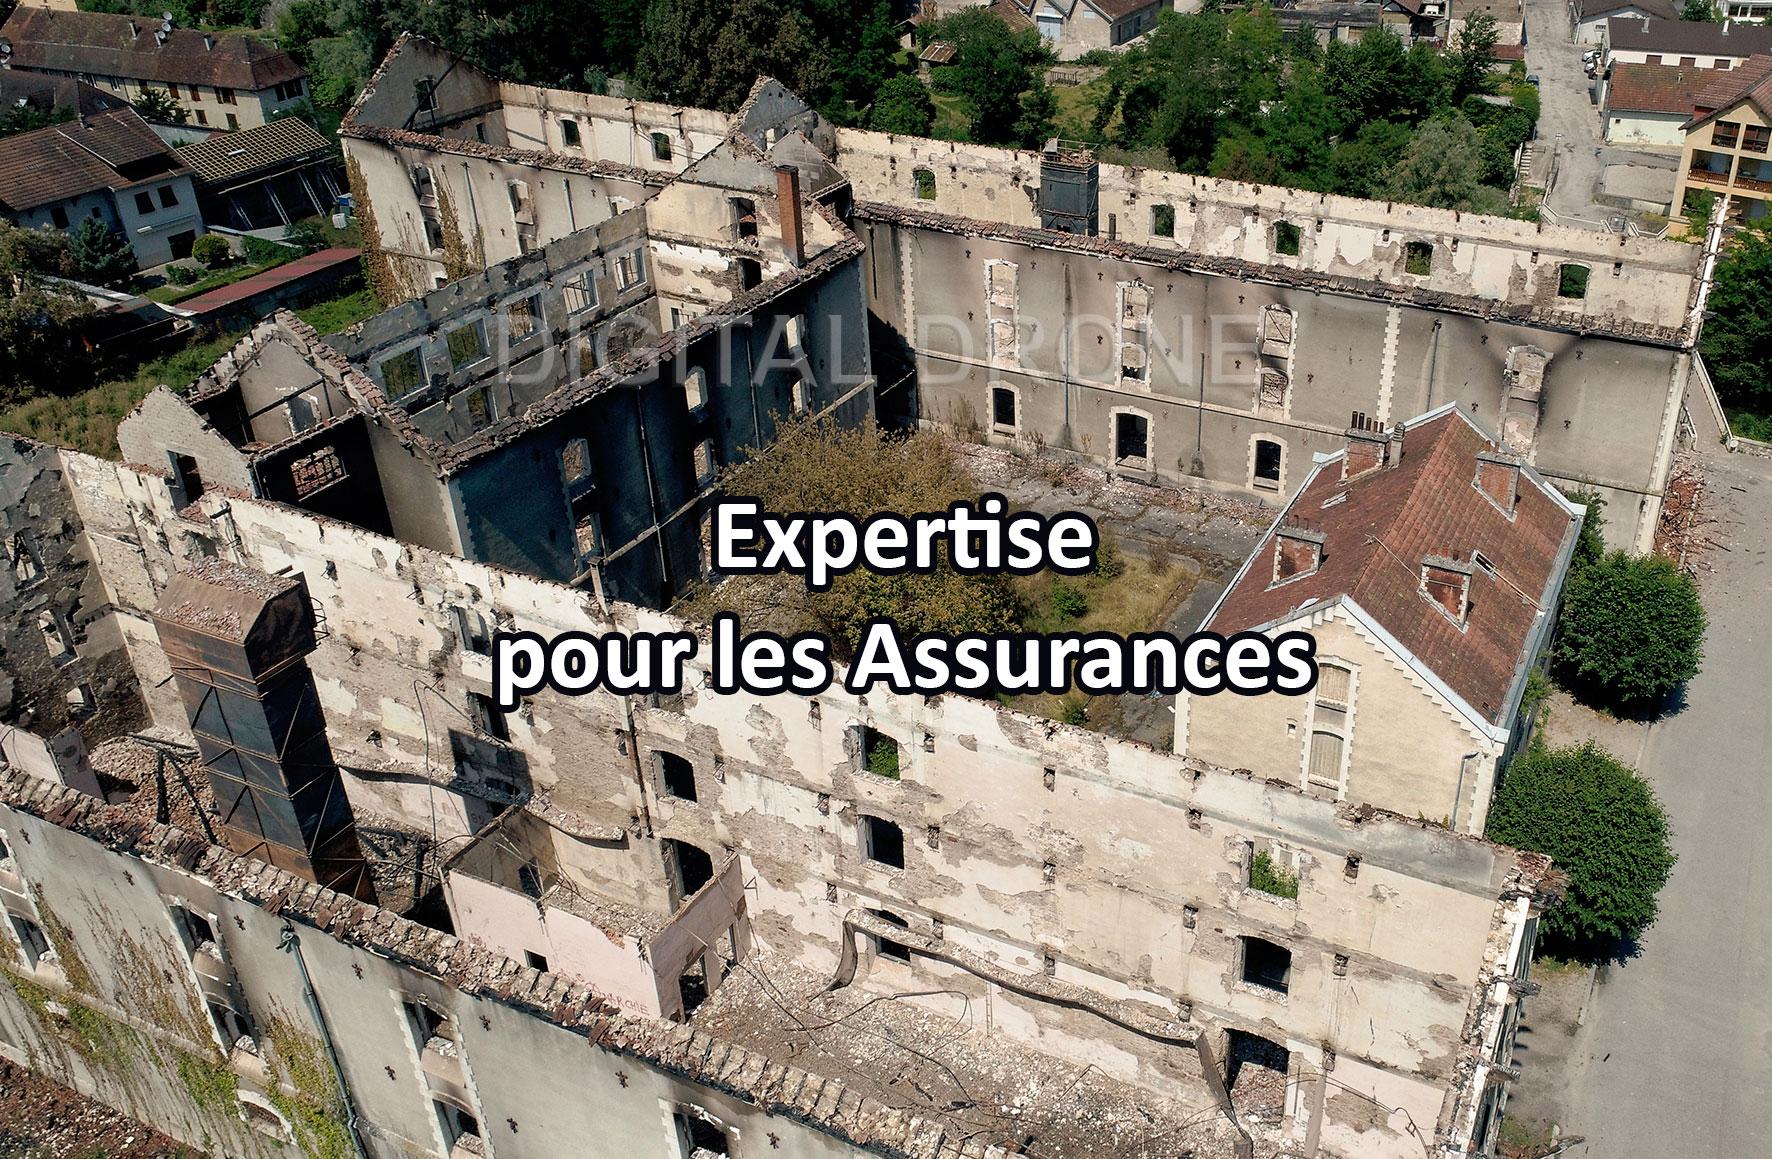 Expertise pour les assurances